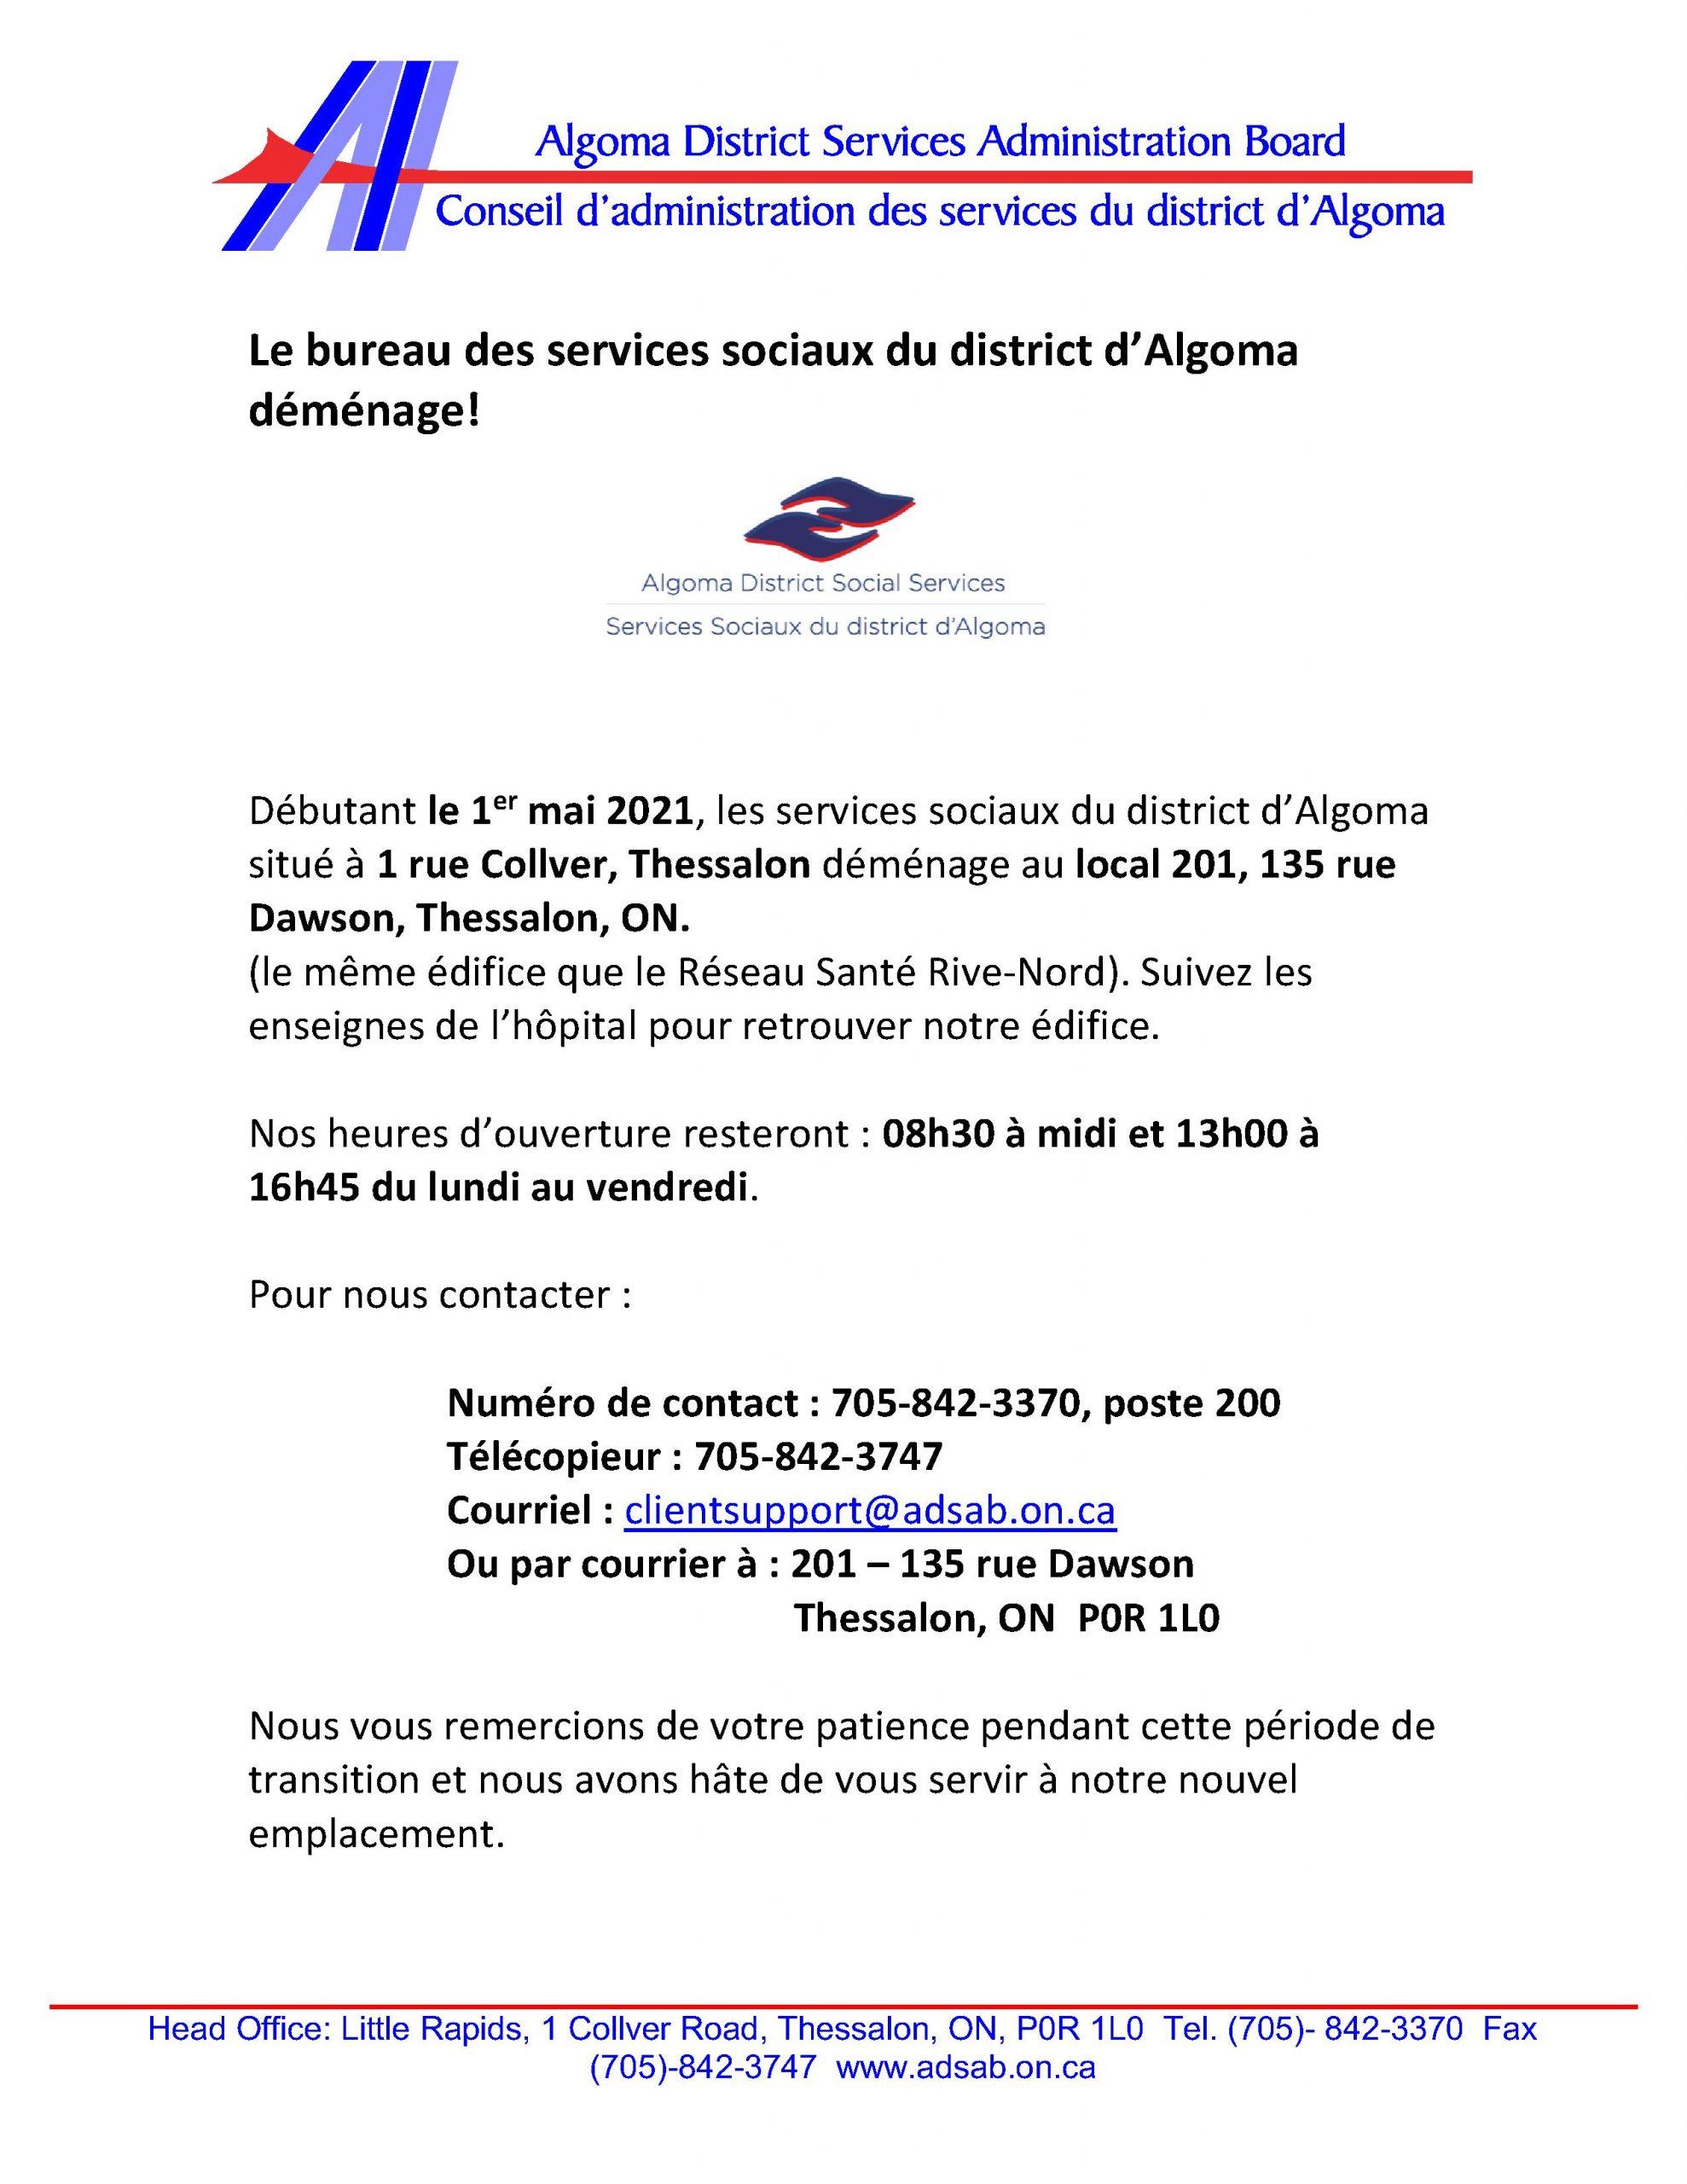 Le bureau des services sociaux du district d'Algoma déménage!